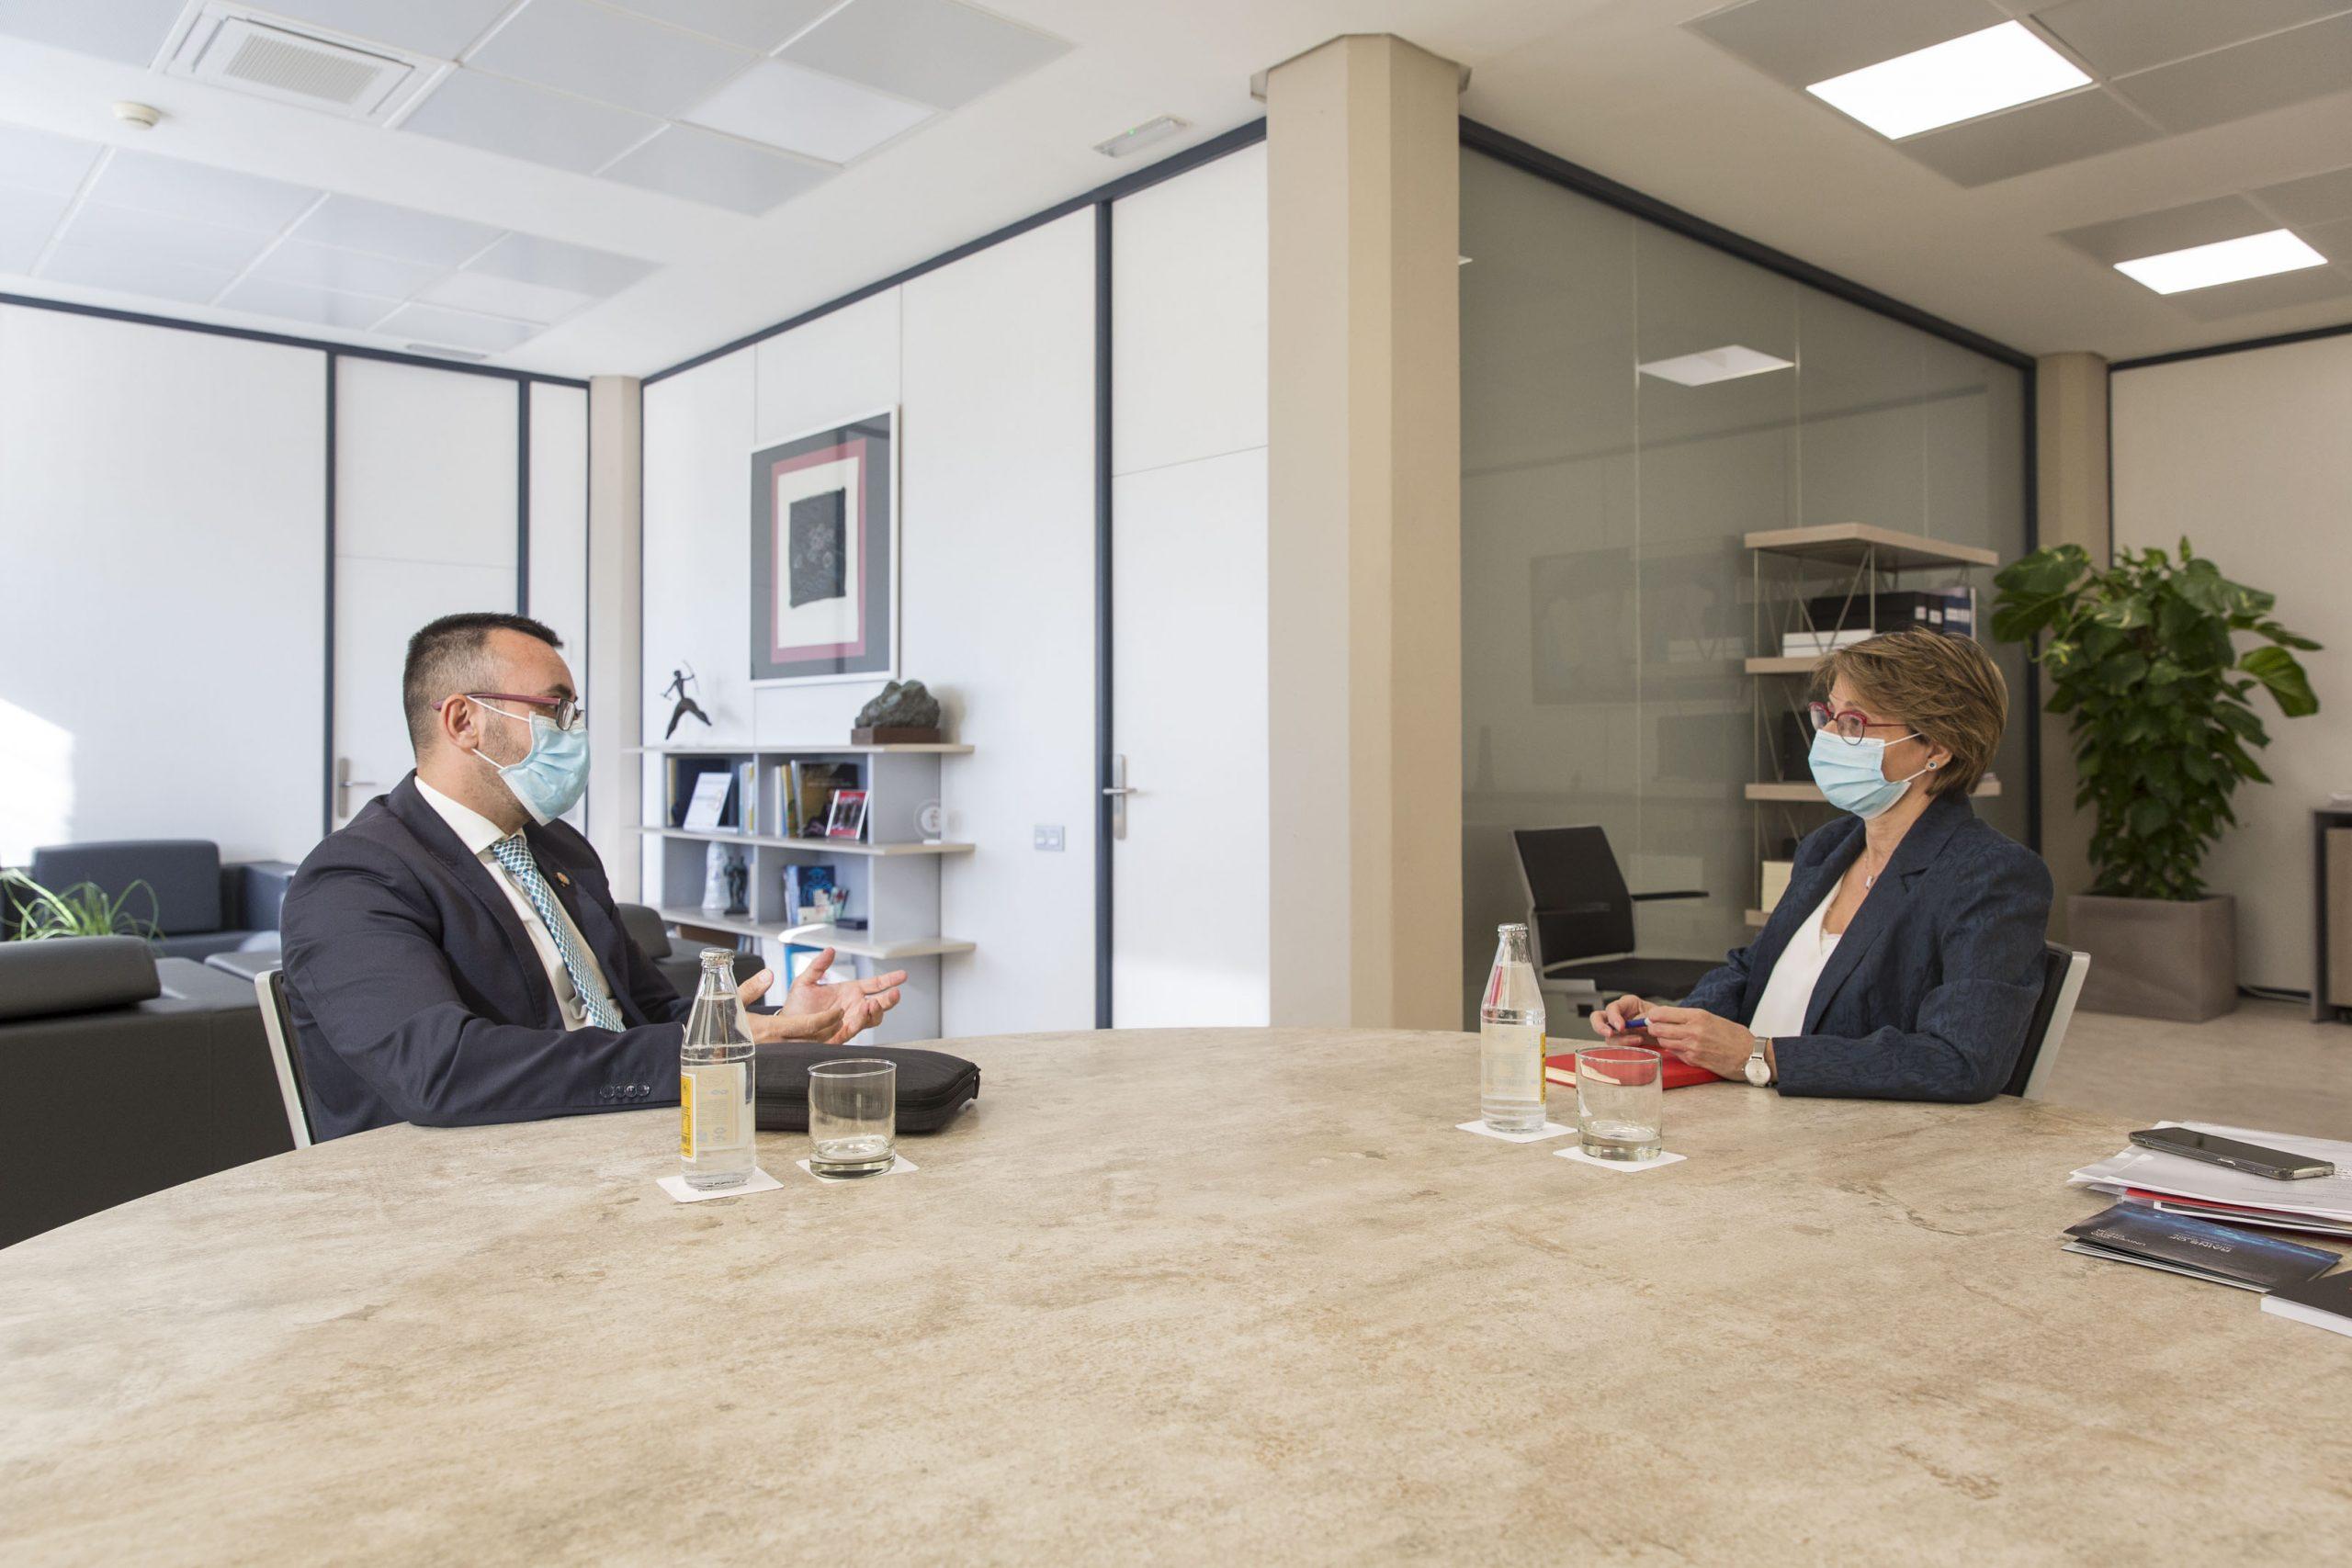 Benlloch y Alcón hacen balance de los últimos 10 años de la UJI en Vila-real